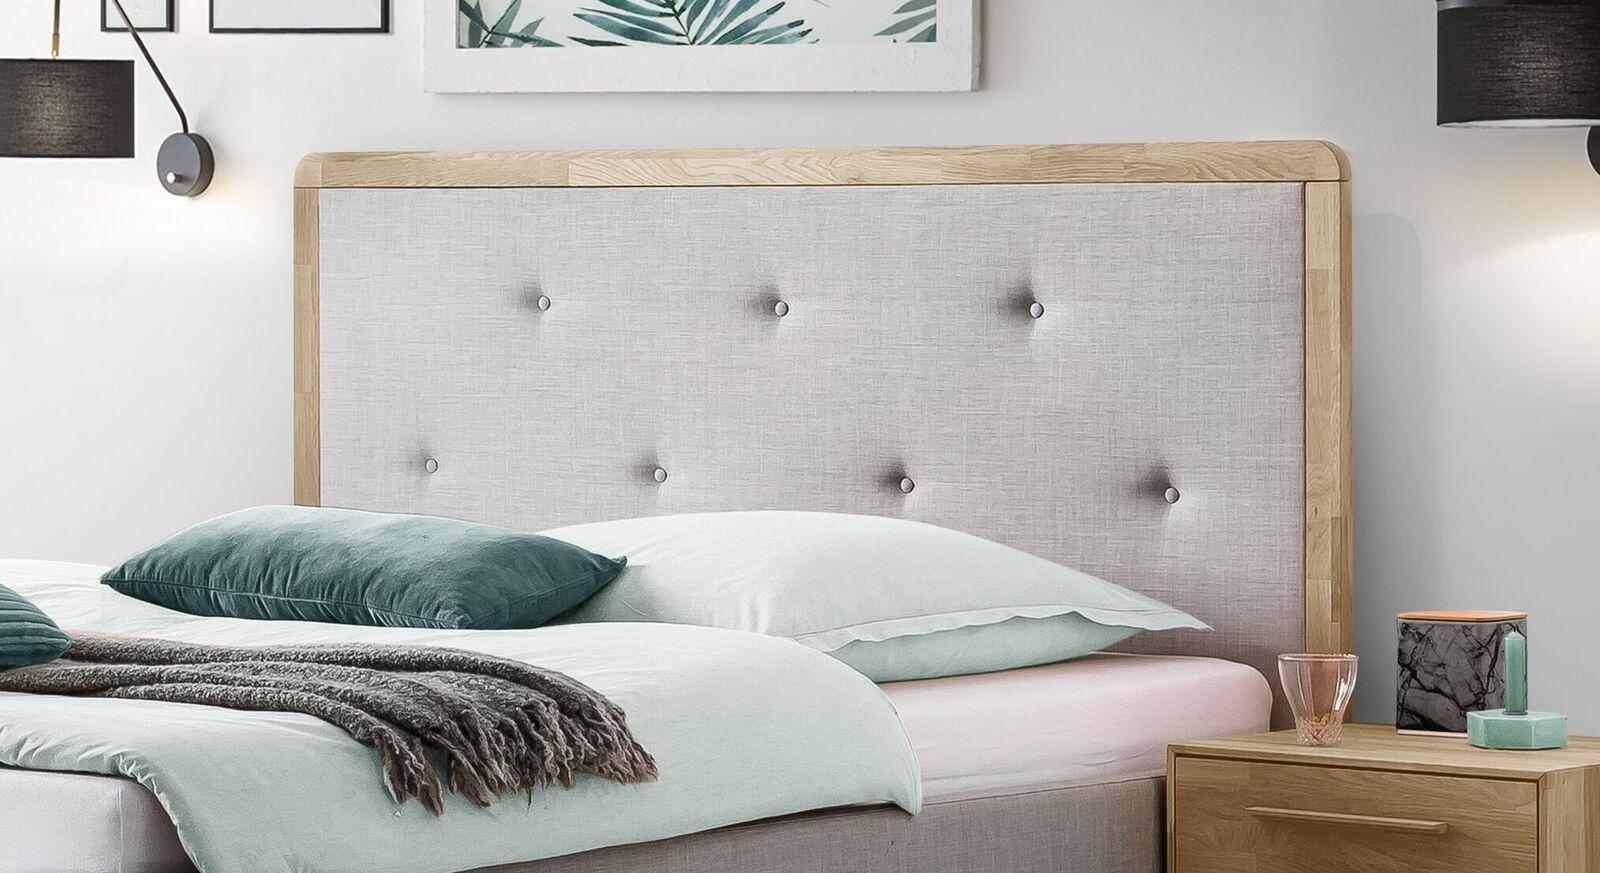 Modernes Bett Ilmatar mit Knopfheftung am Kopfteil